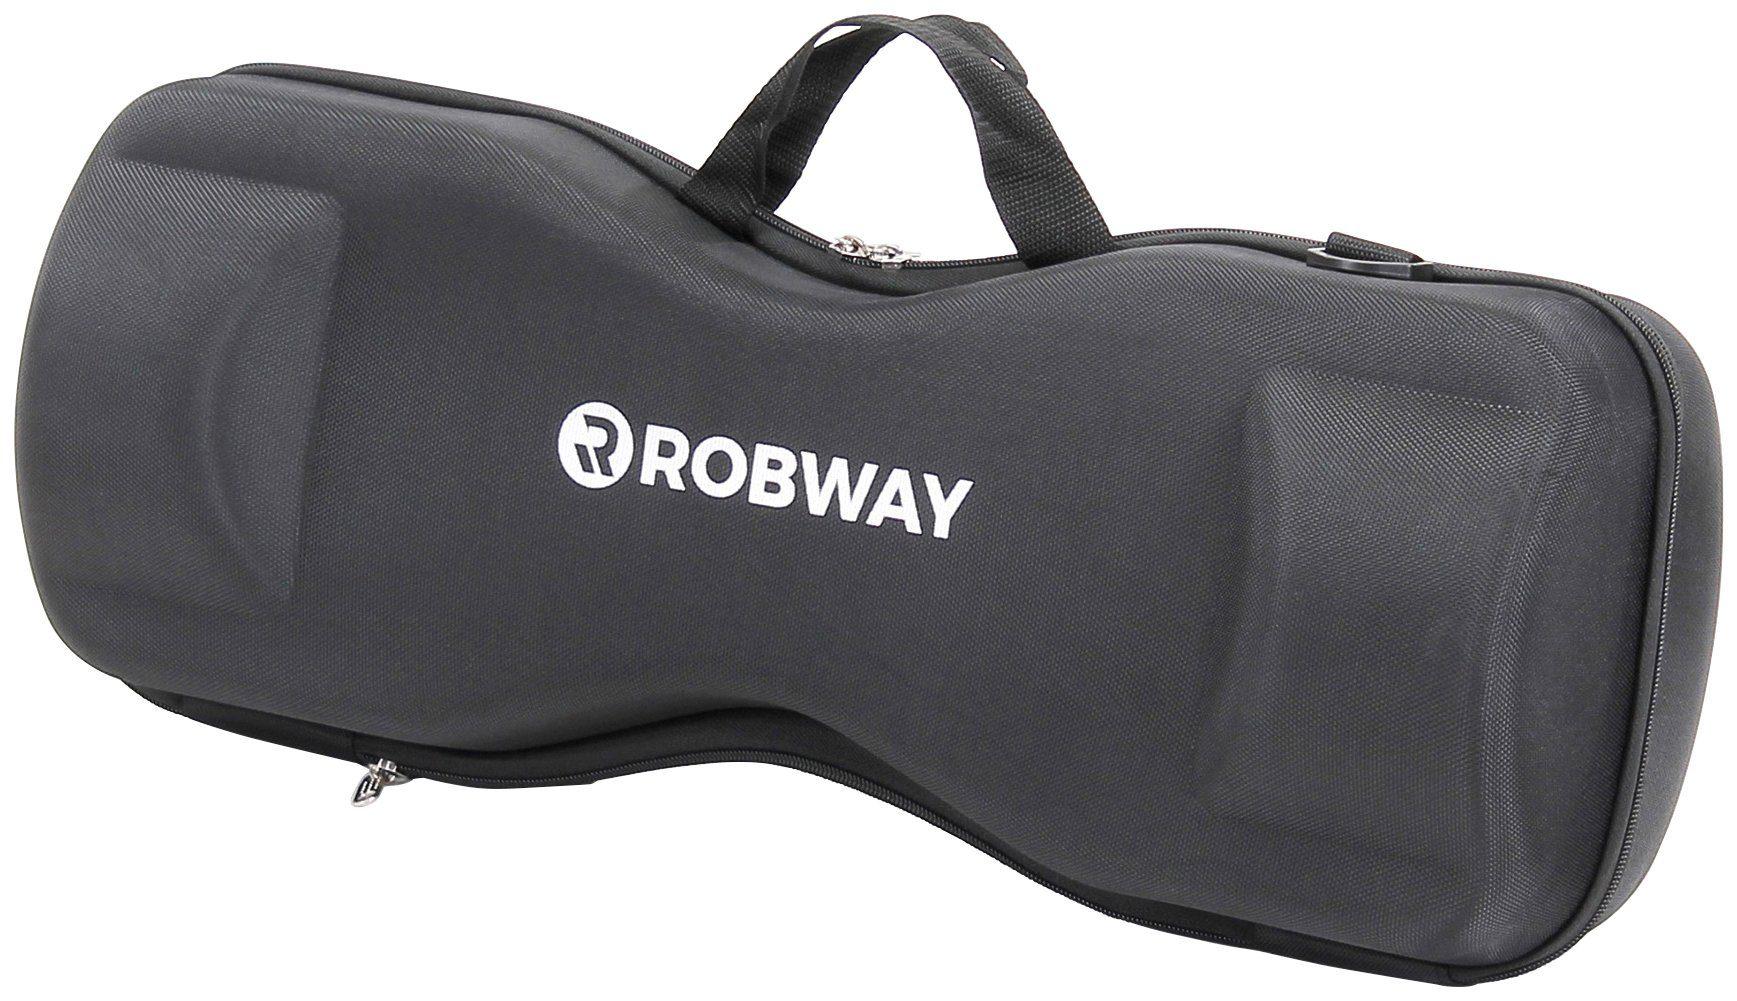 ROBWAY Aufbewahrungstasche Hardcover, passend für 6,5 Zoll Hoverboards